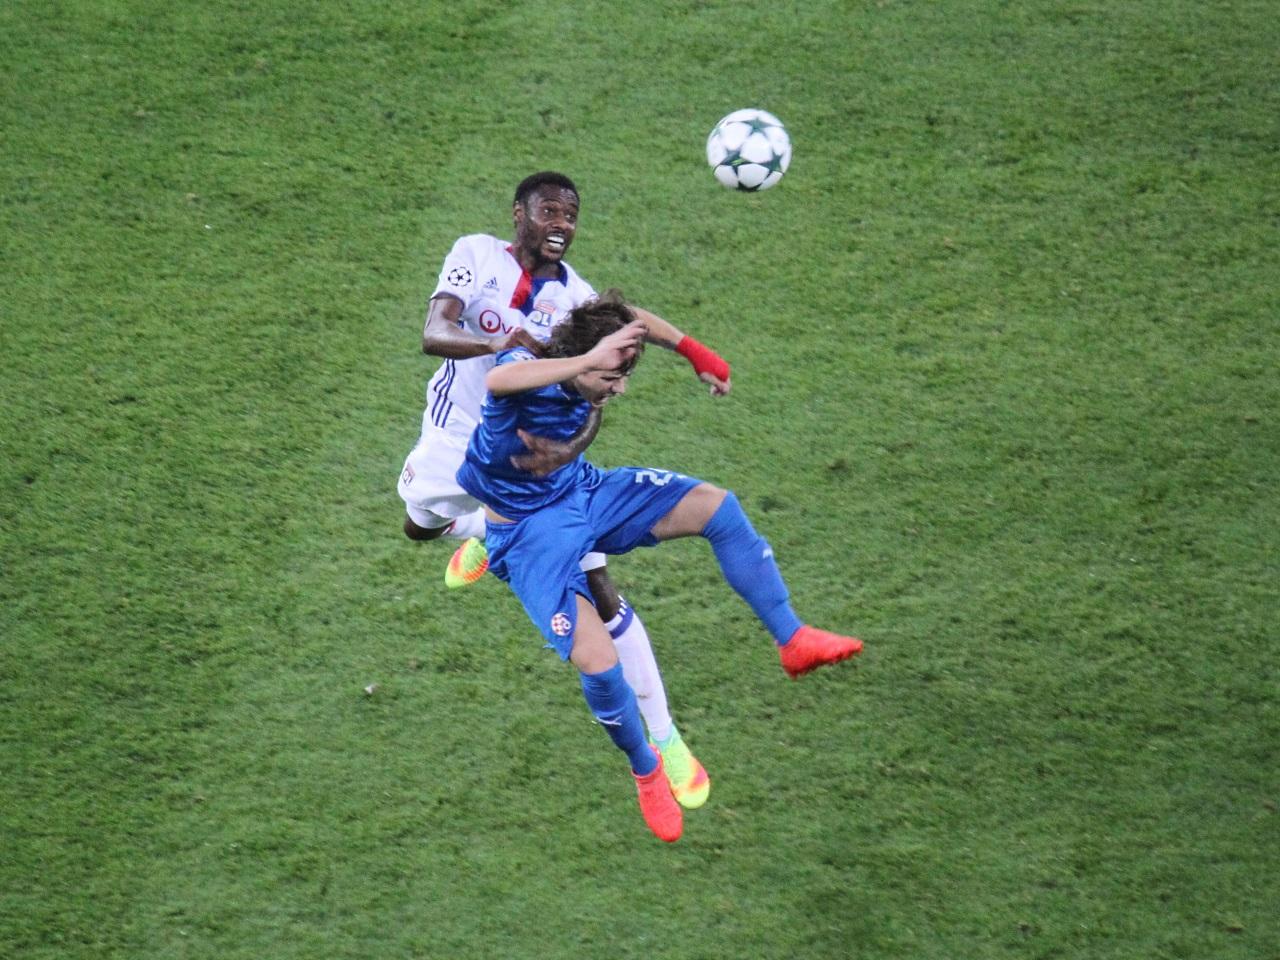 Nkoulou ol vainqueur de la coupe d afrique des nations et buteur en finale - Vainqueur coupe d afrique ...